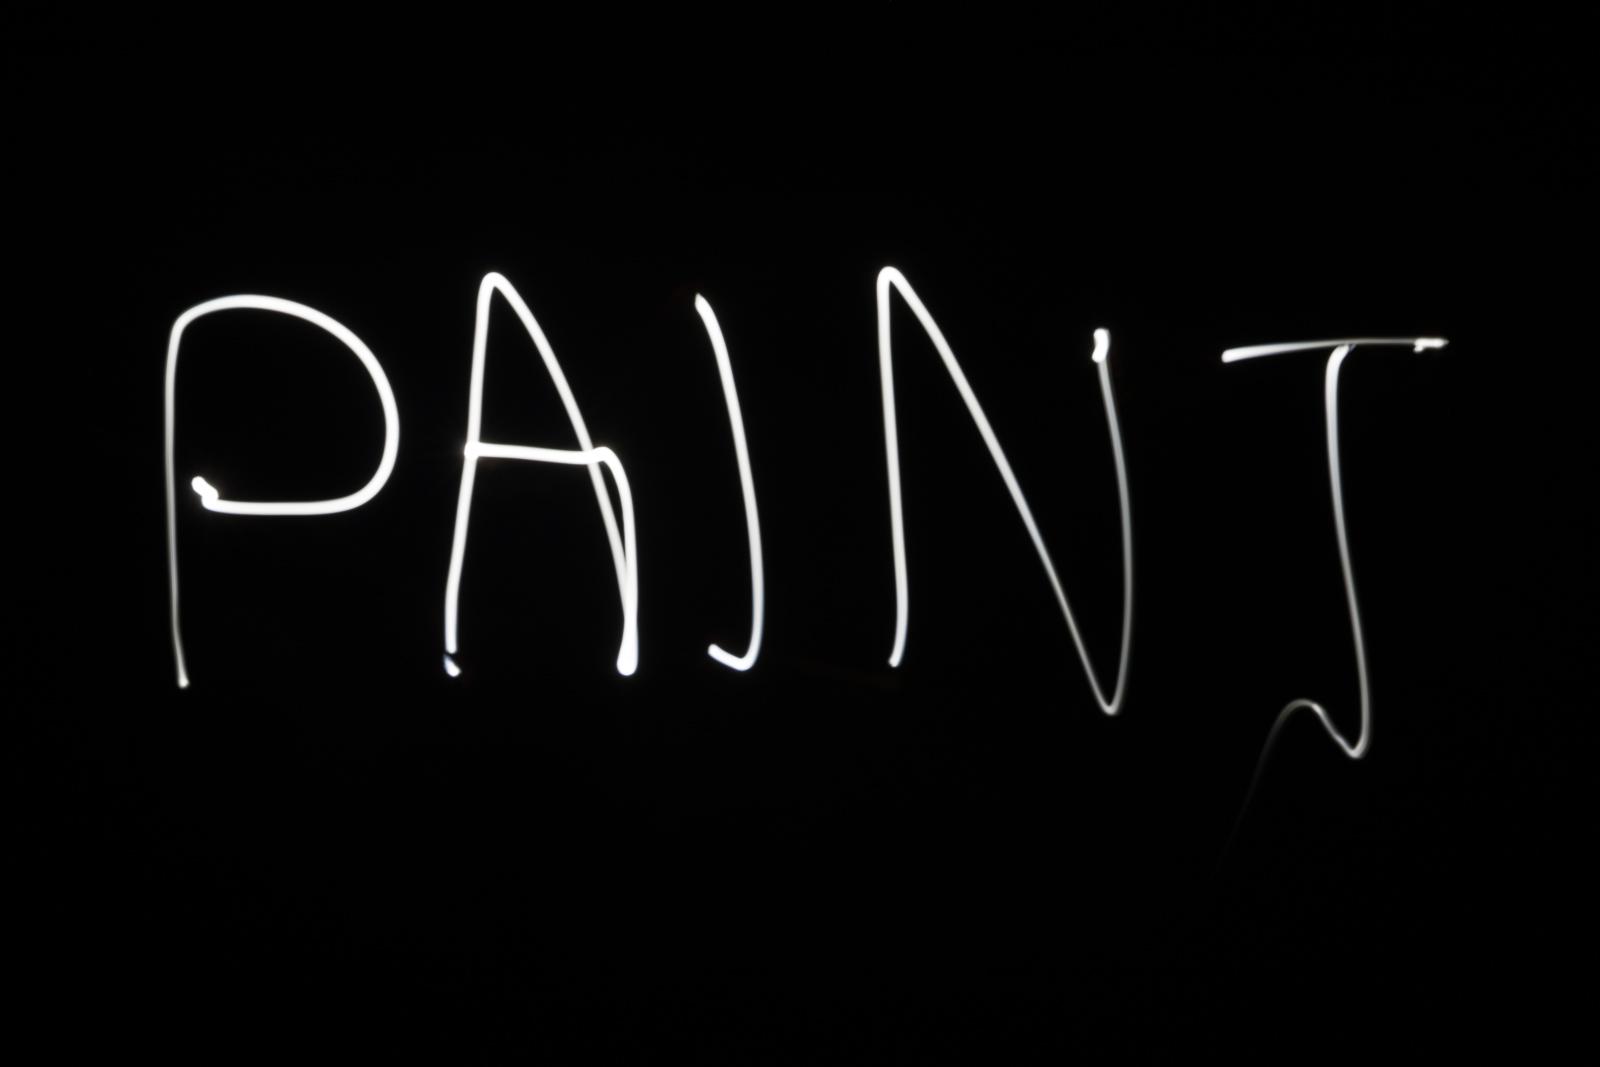 Light painting aneb malování světlem: Jak na to a co budete potřebovat